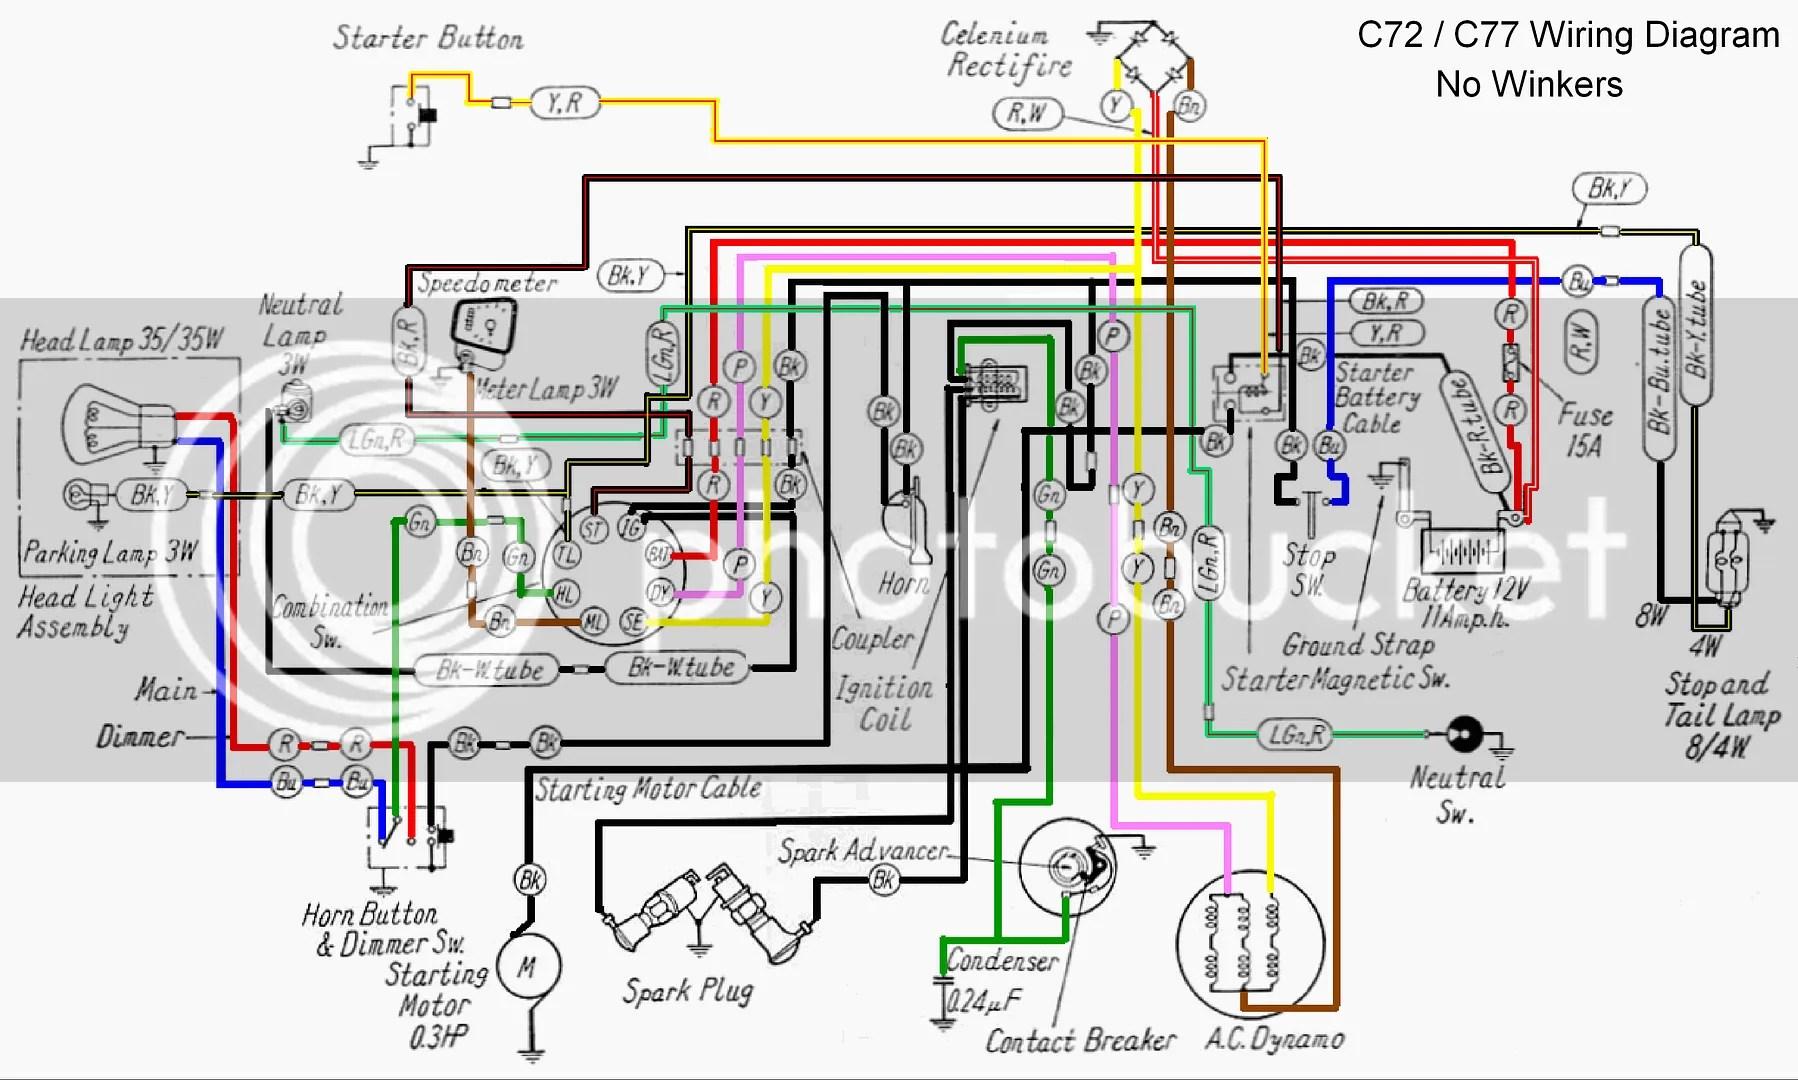 medium resolution of honda dream wiring diagram wiring diagram advance honda bf90 wiring diagram